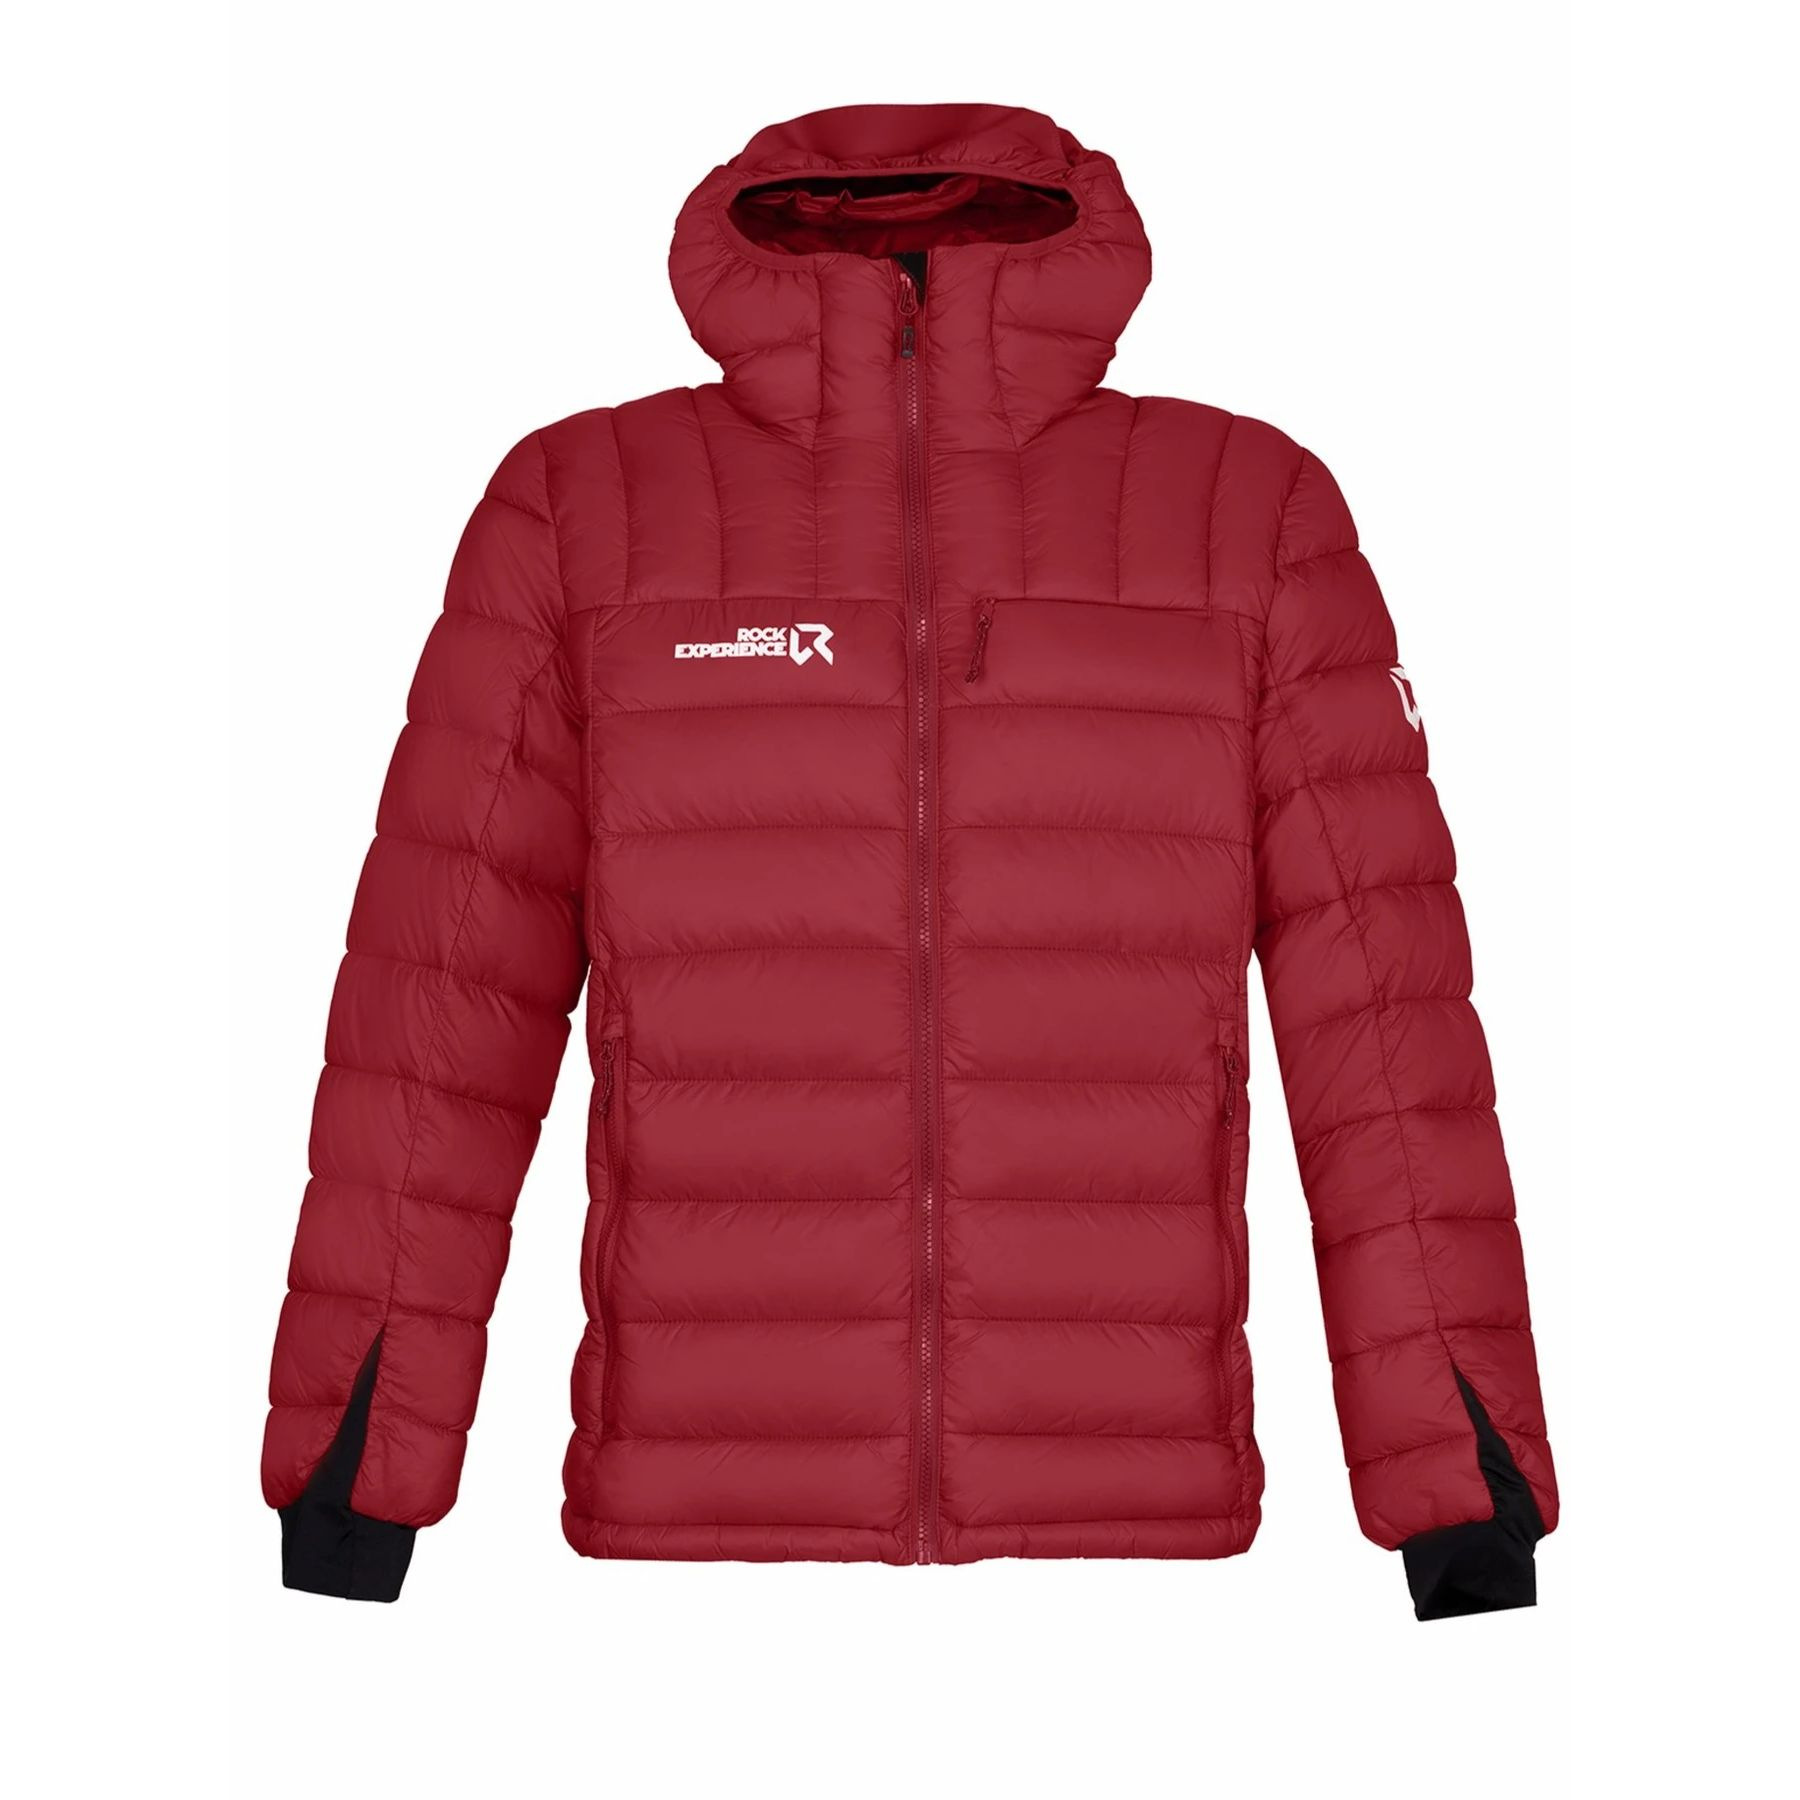 Clothing -  rock experience Cosmic Eco-Sustainable Padded Jacket